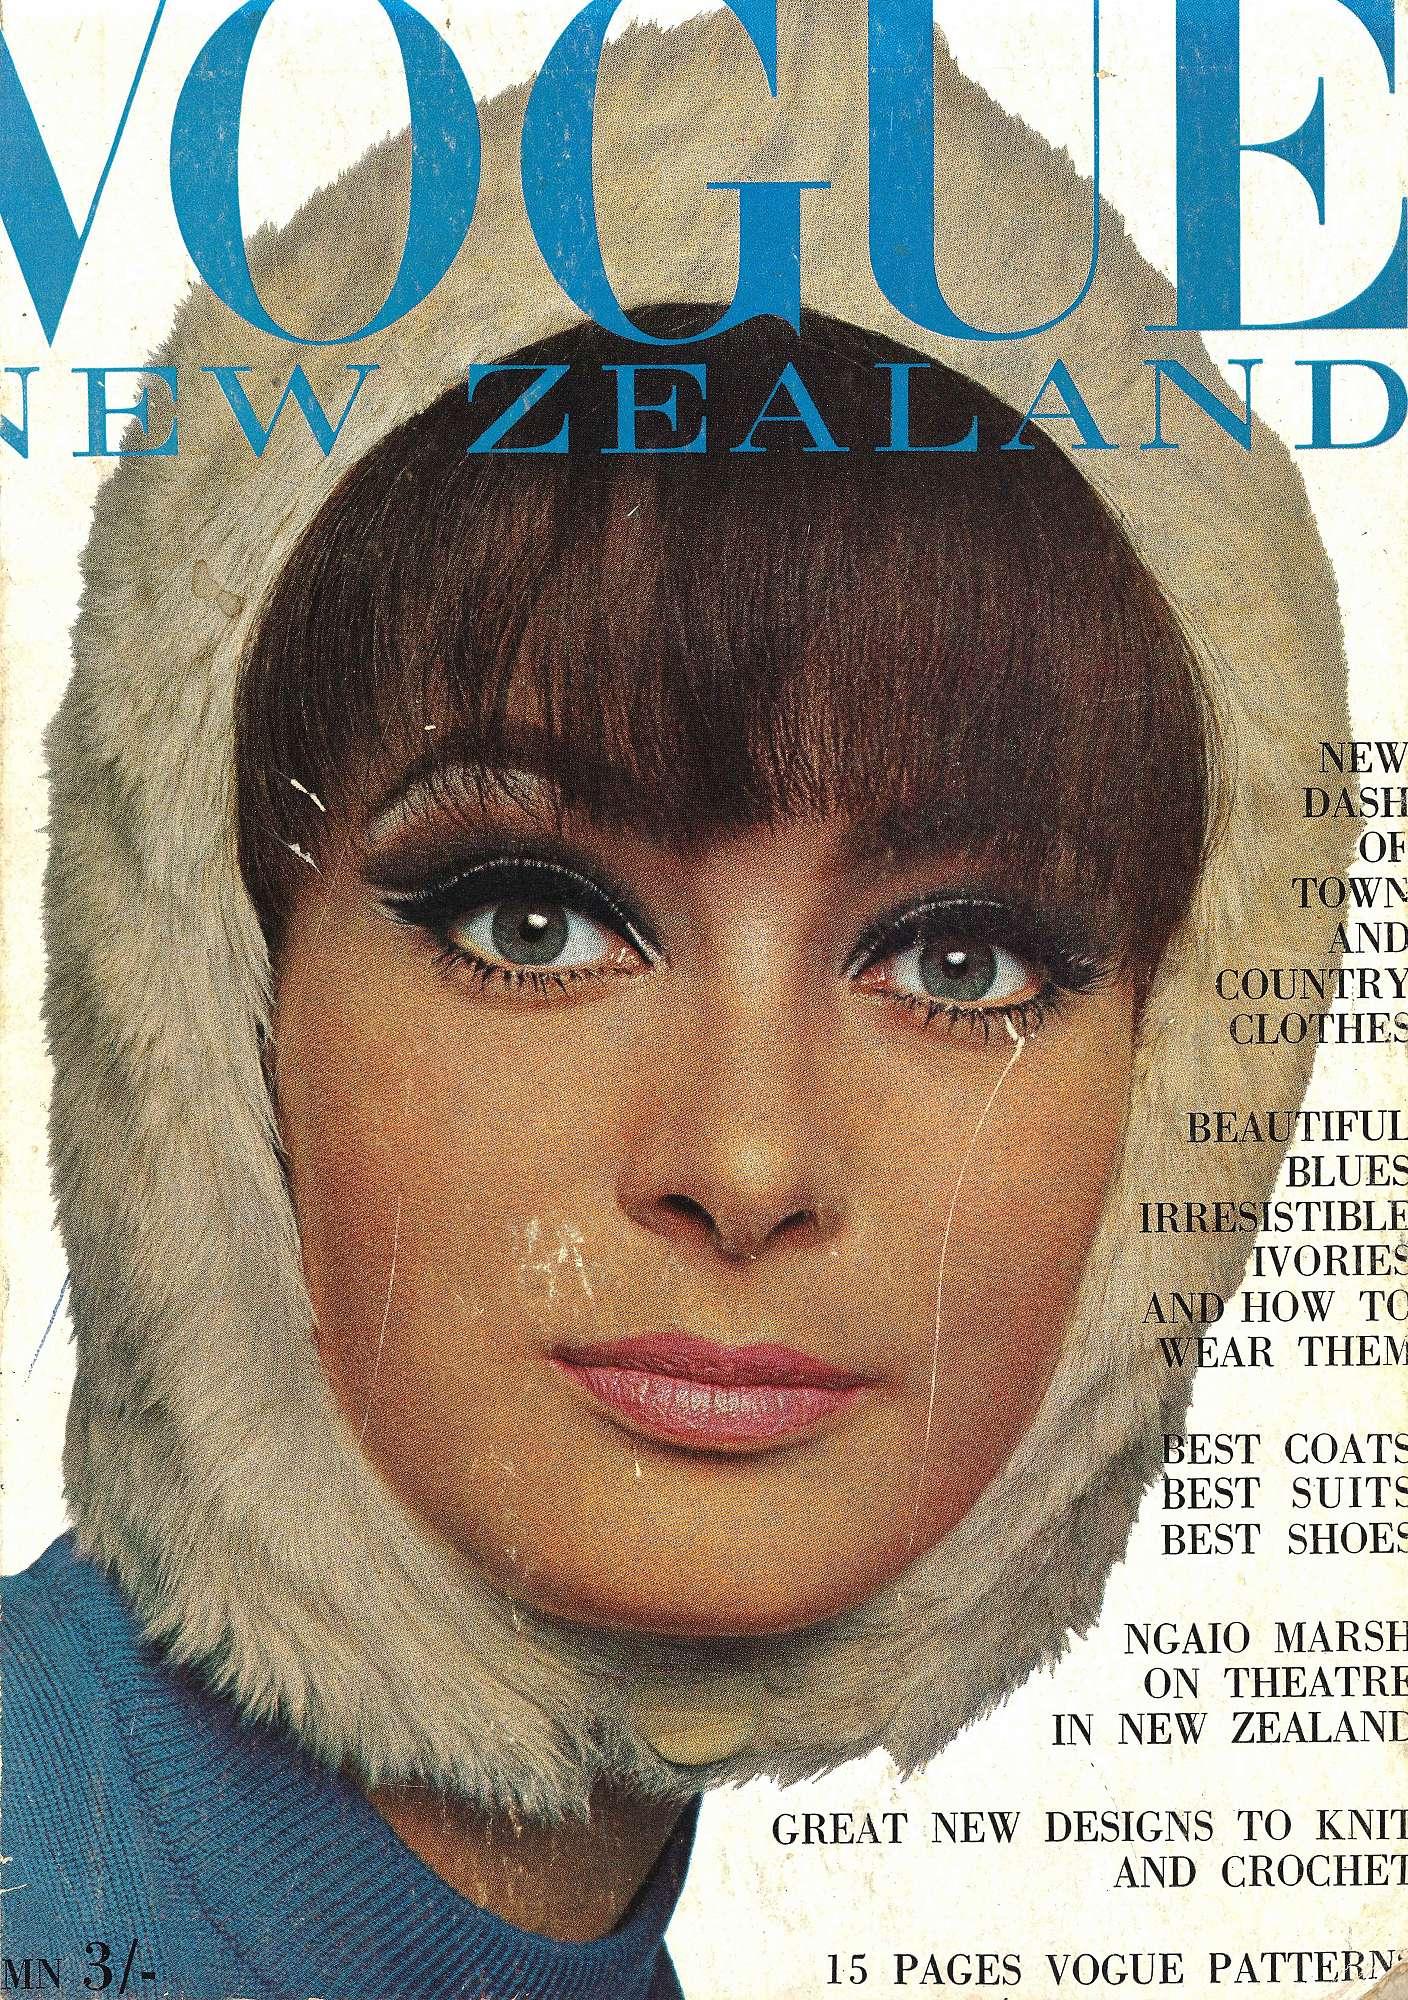 260b8d2a3e Vintage copy Vogue New Zealand. Christian Dior book cover